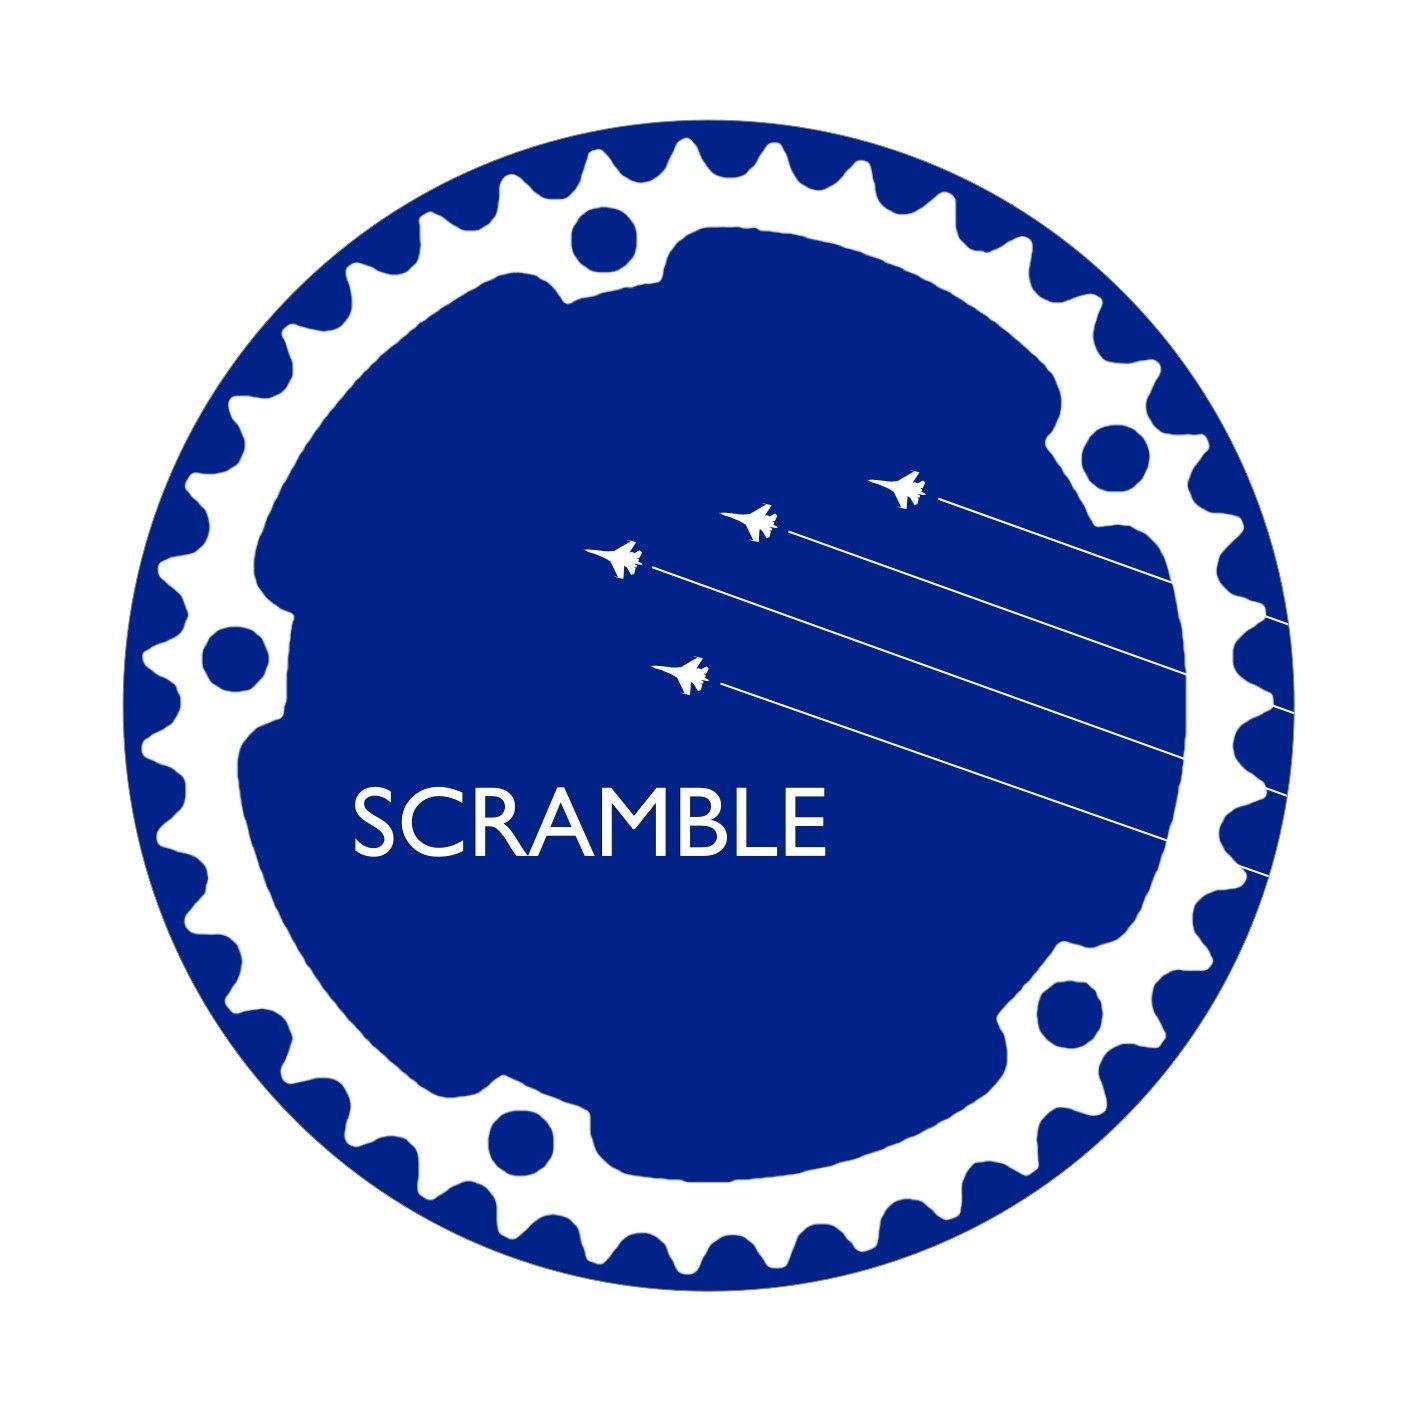 scramble3.jpg